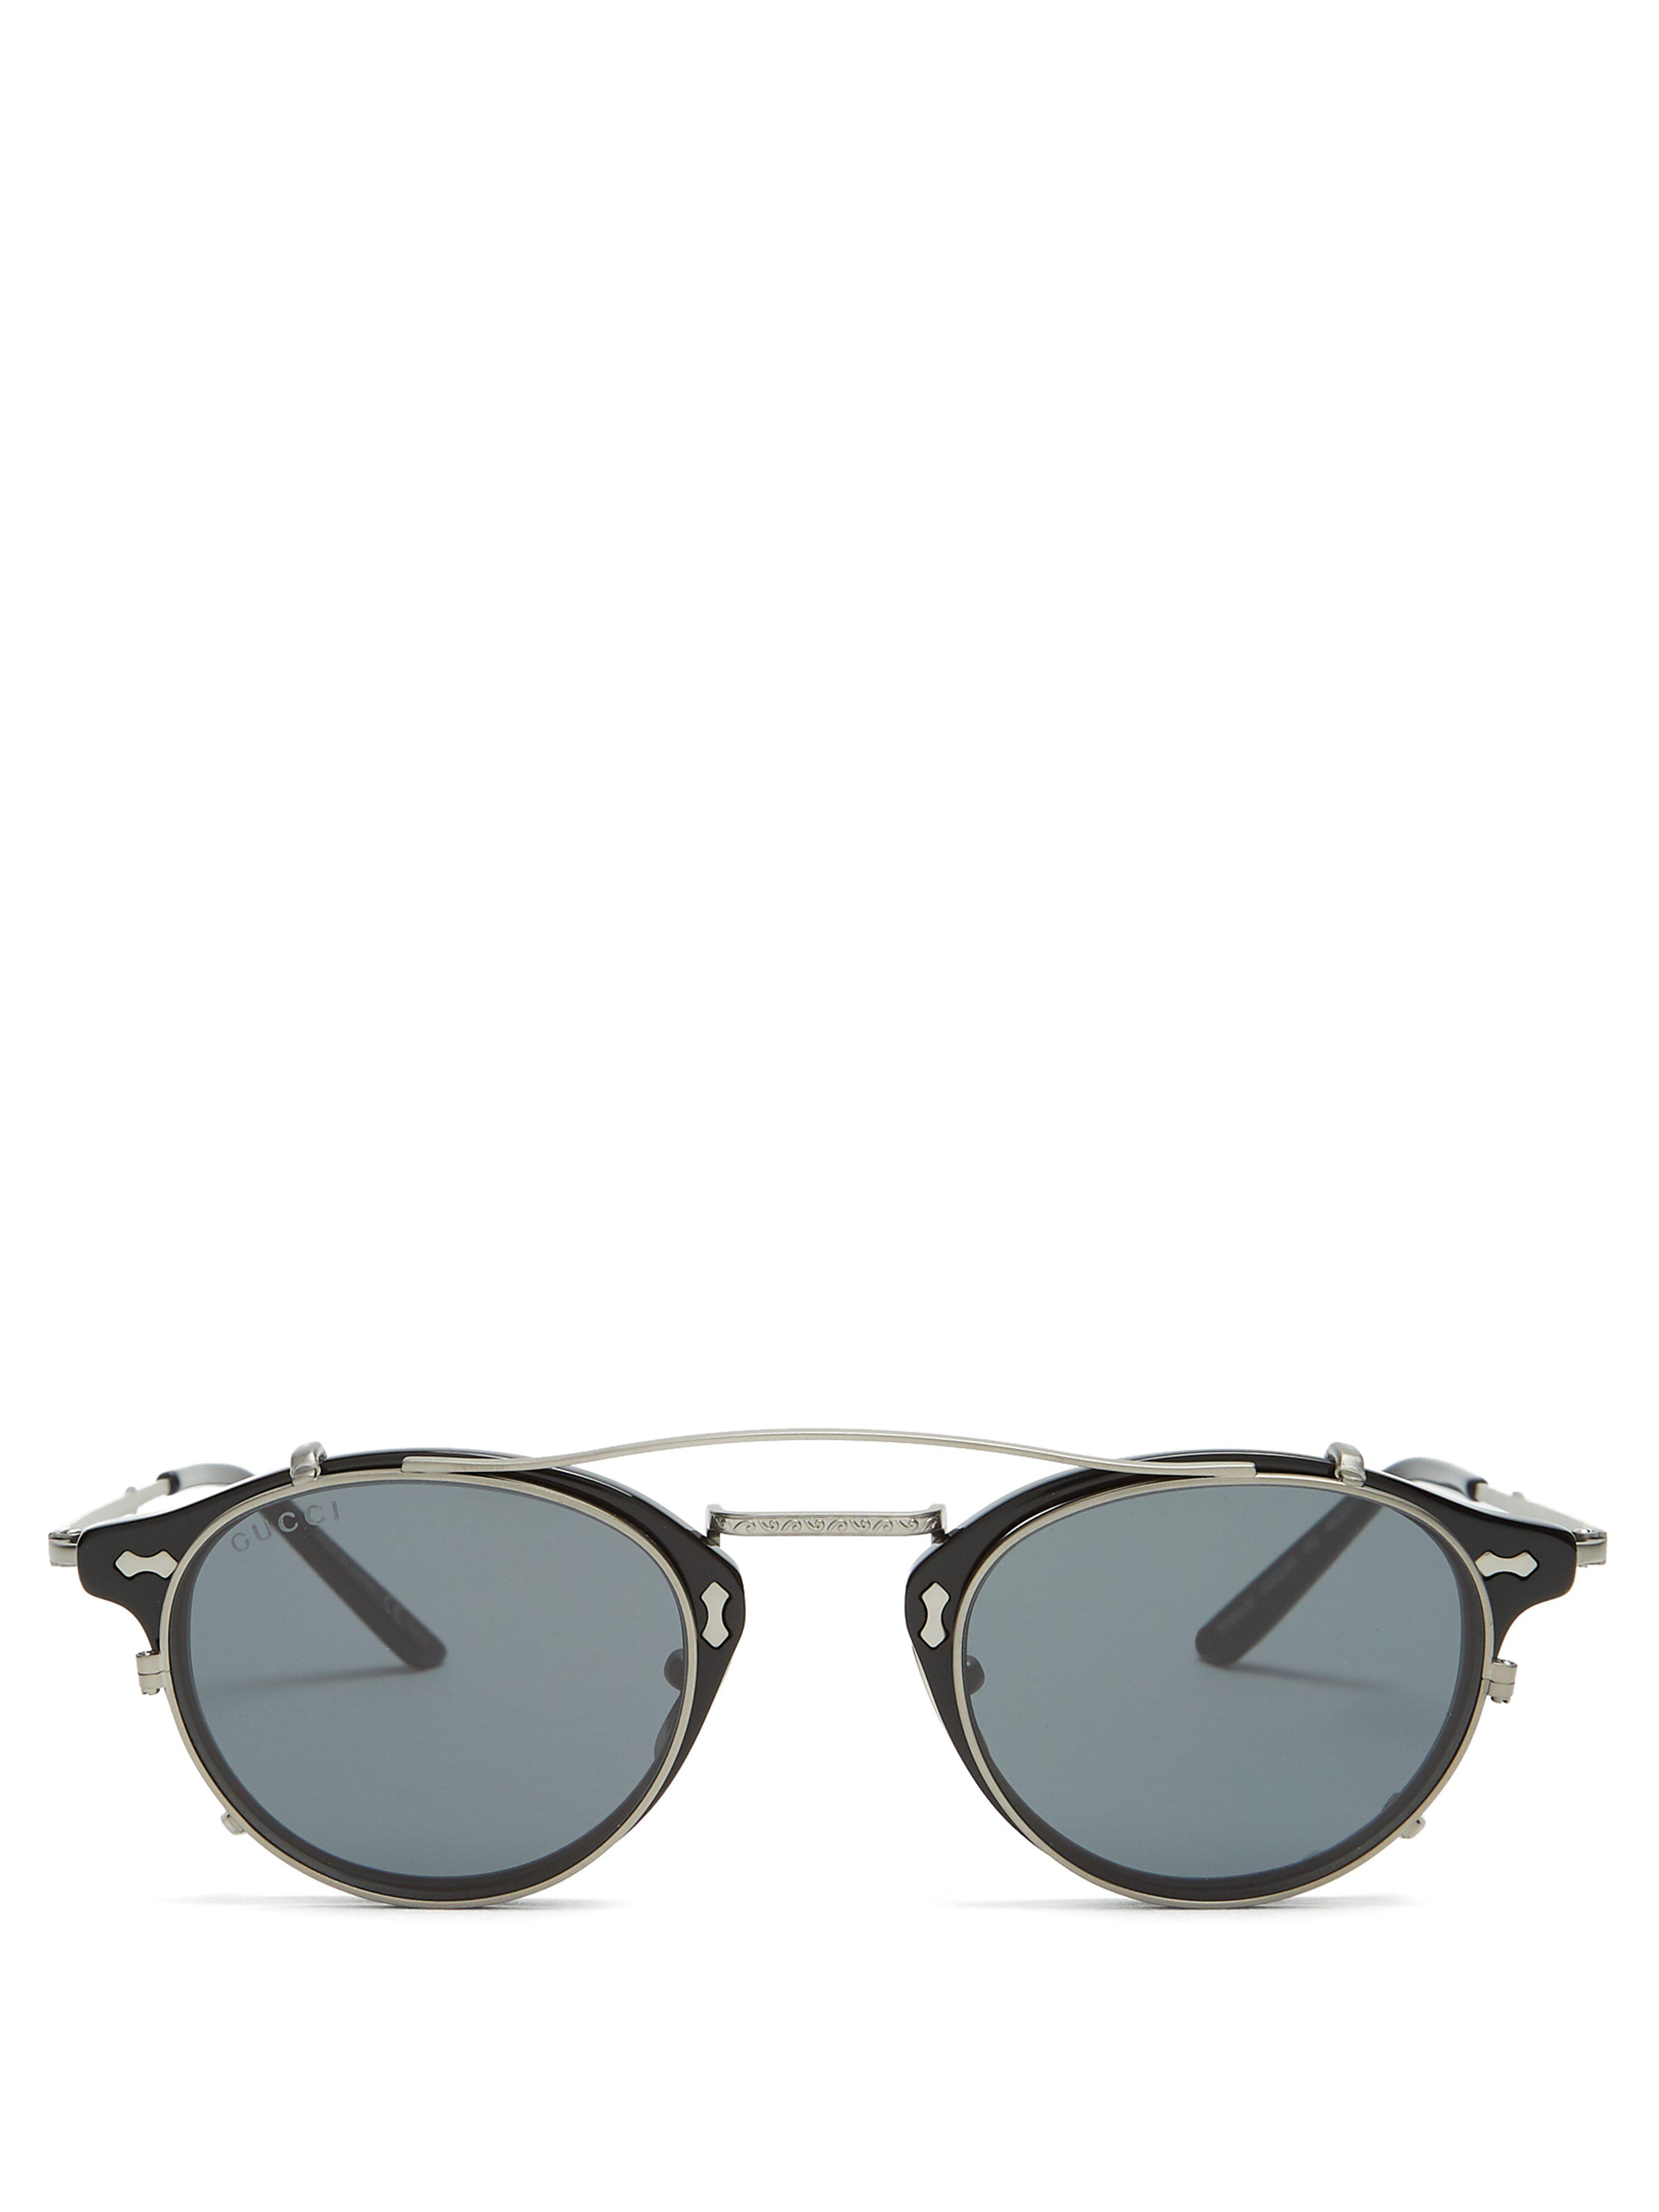 Lyst - Lunettes de soleil rondes à verres amovibles Gucci pour homme ... be9364c85e90